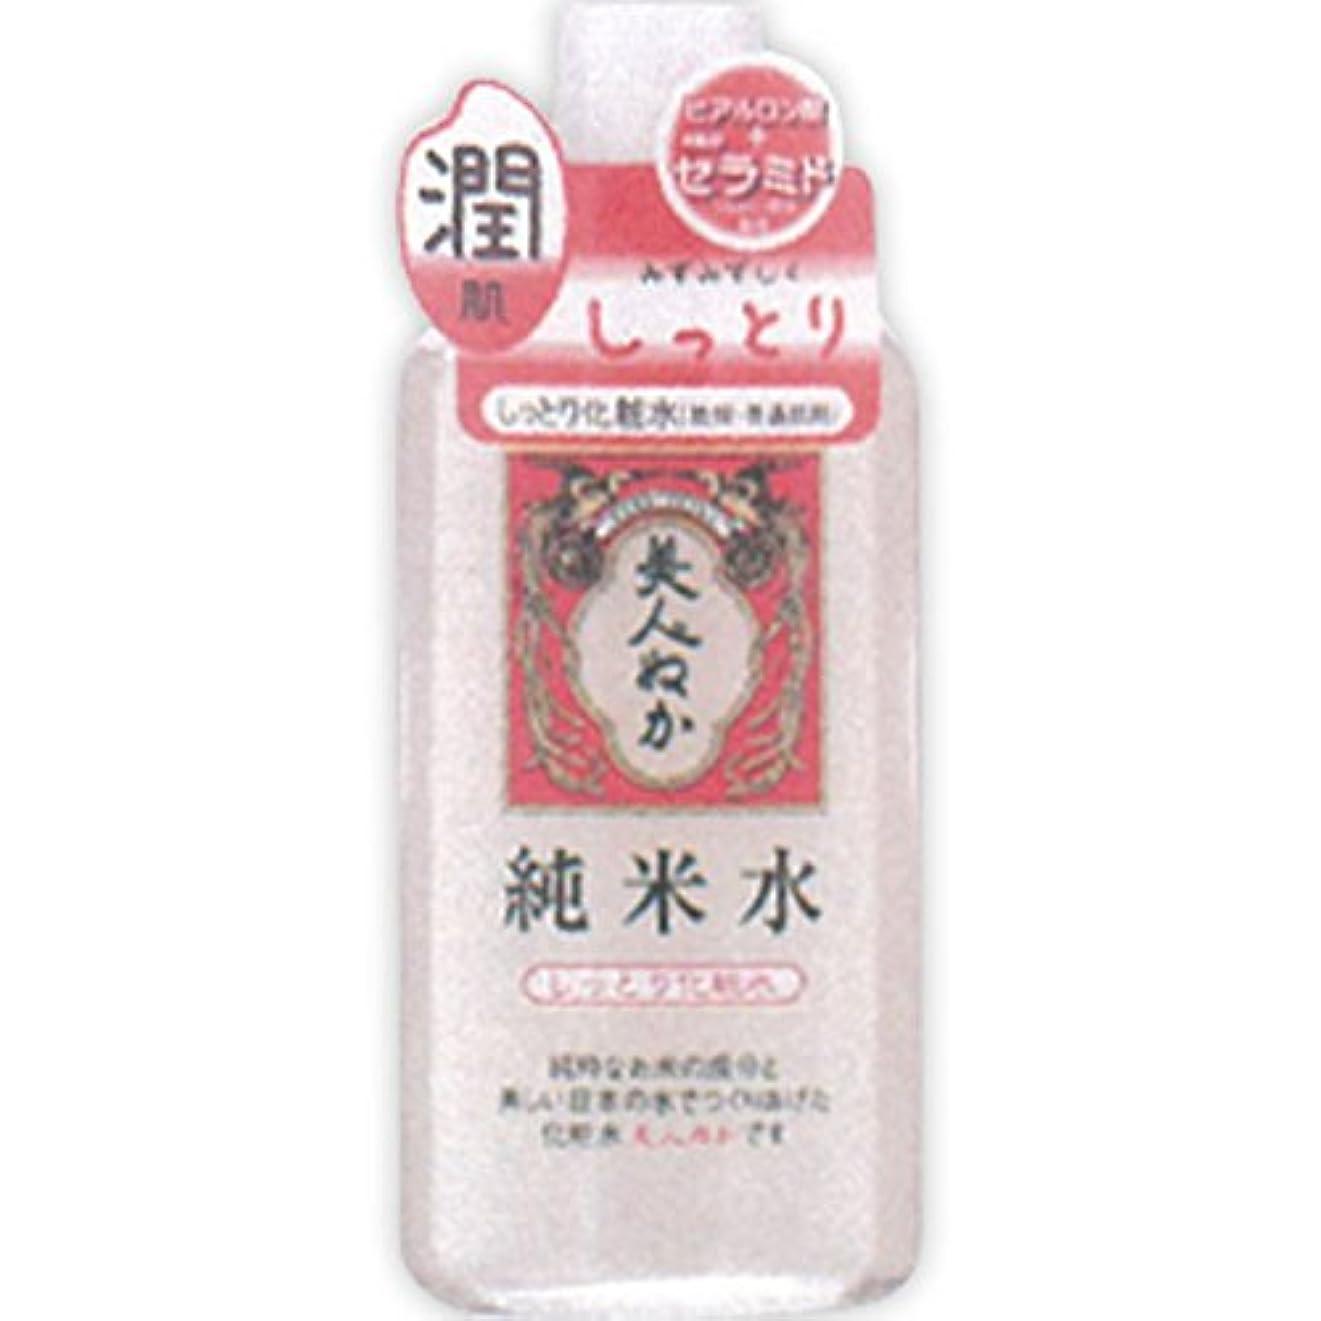 アルファベット順補償転送リアル 純米水 しっとり化粧水 130ml